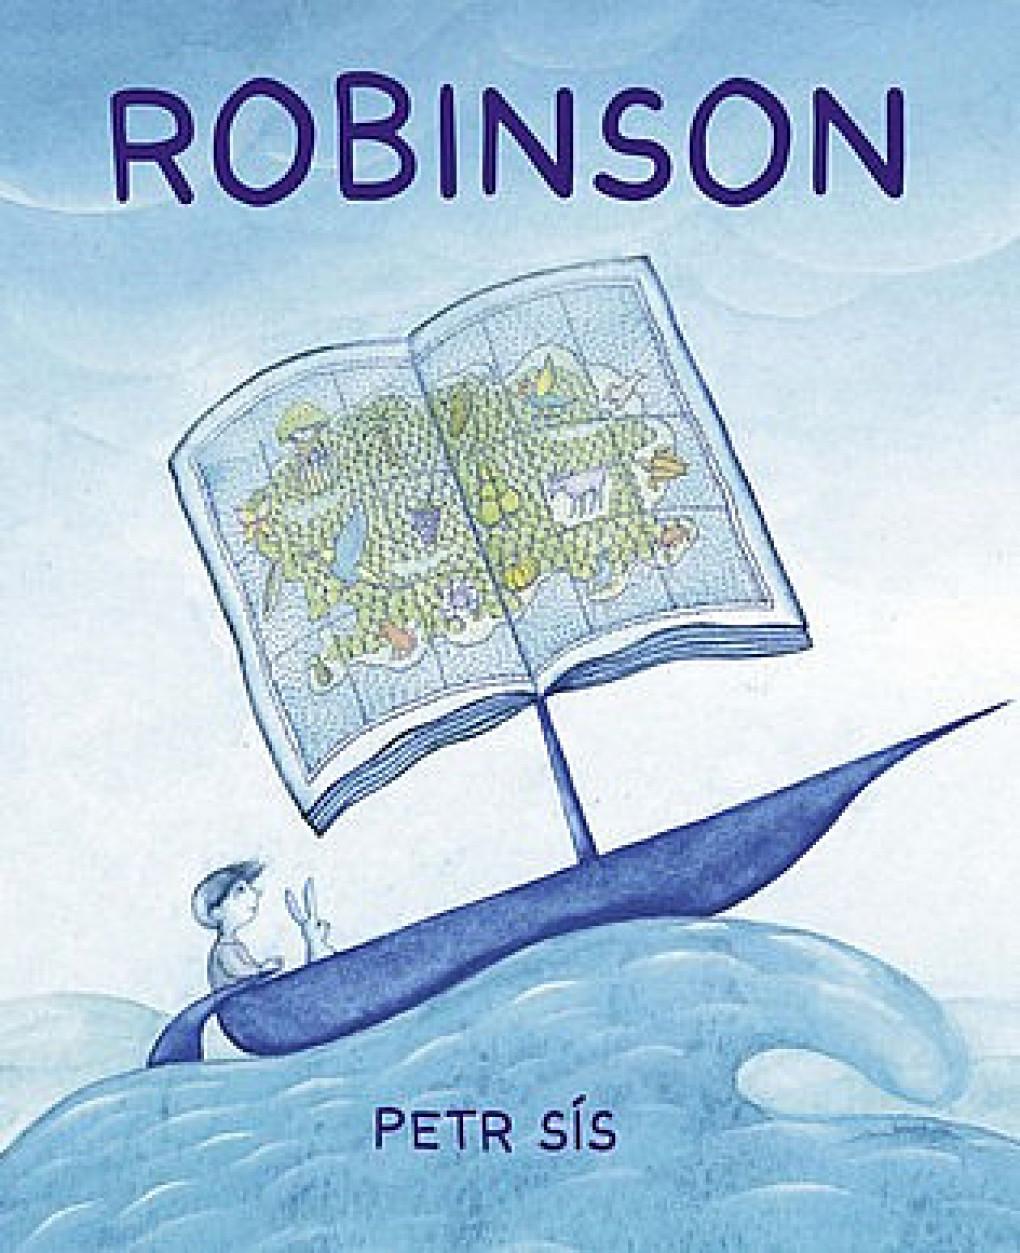 big_robinson-dhk-357091.jpg